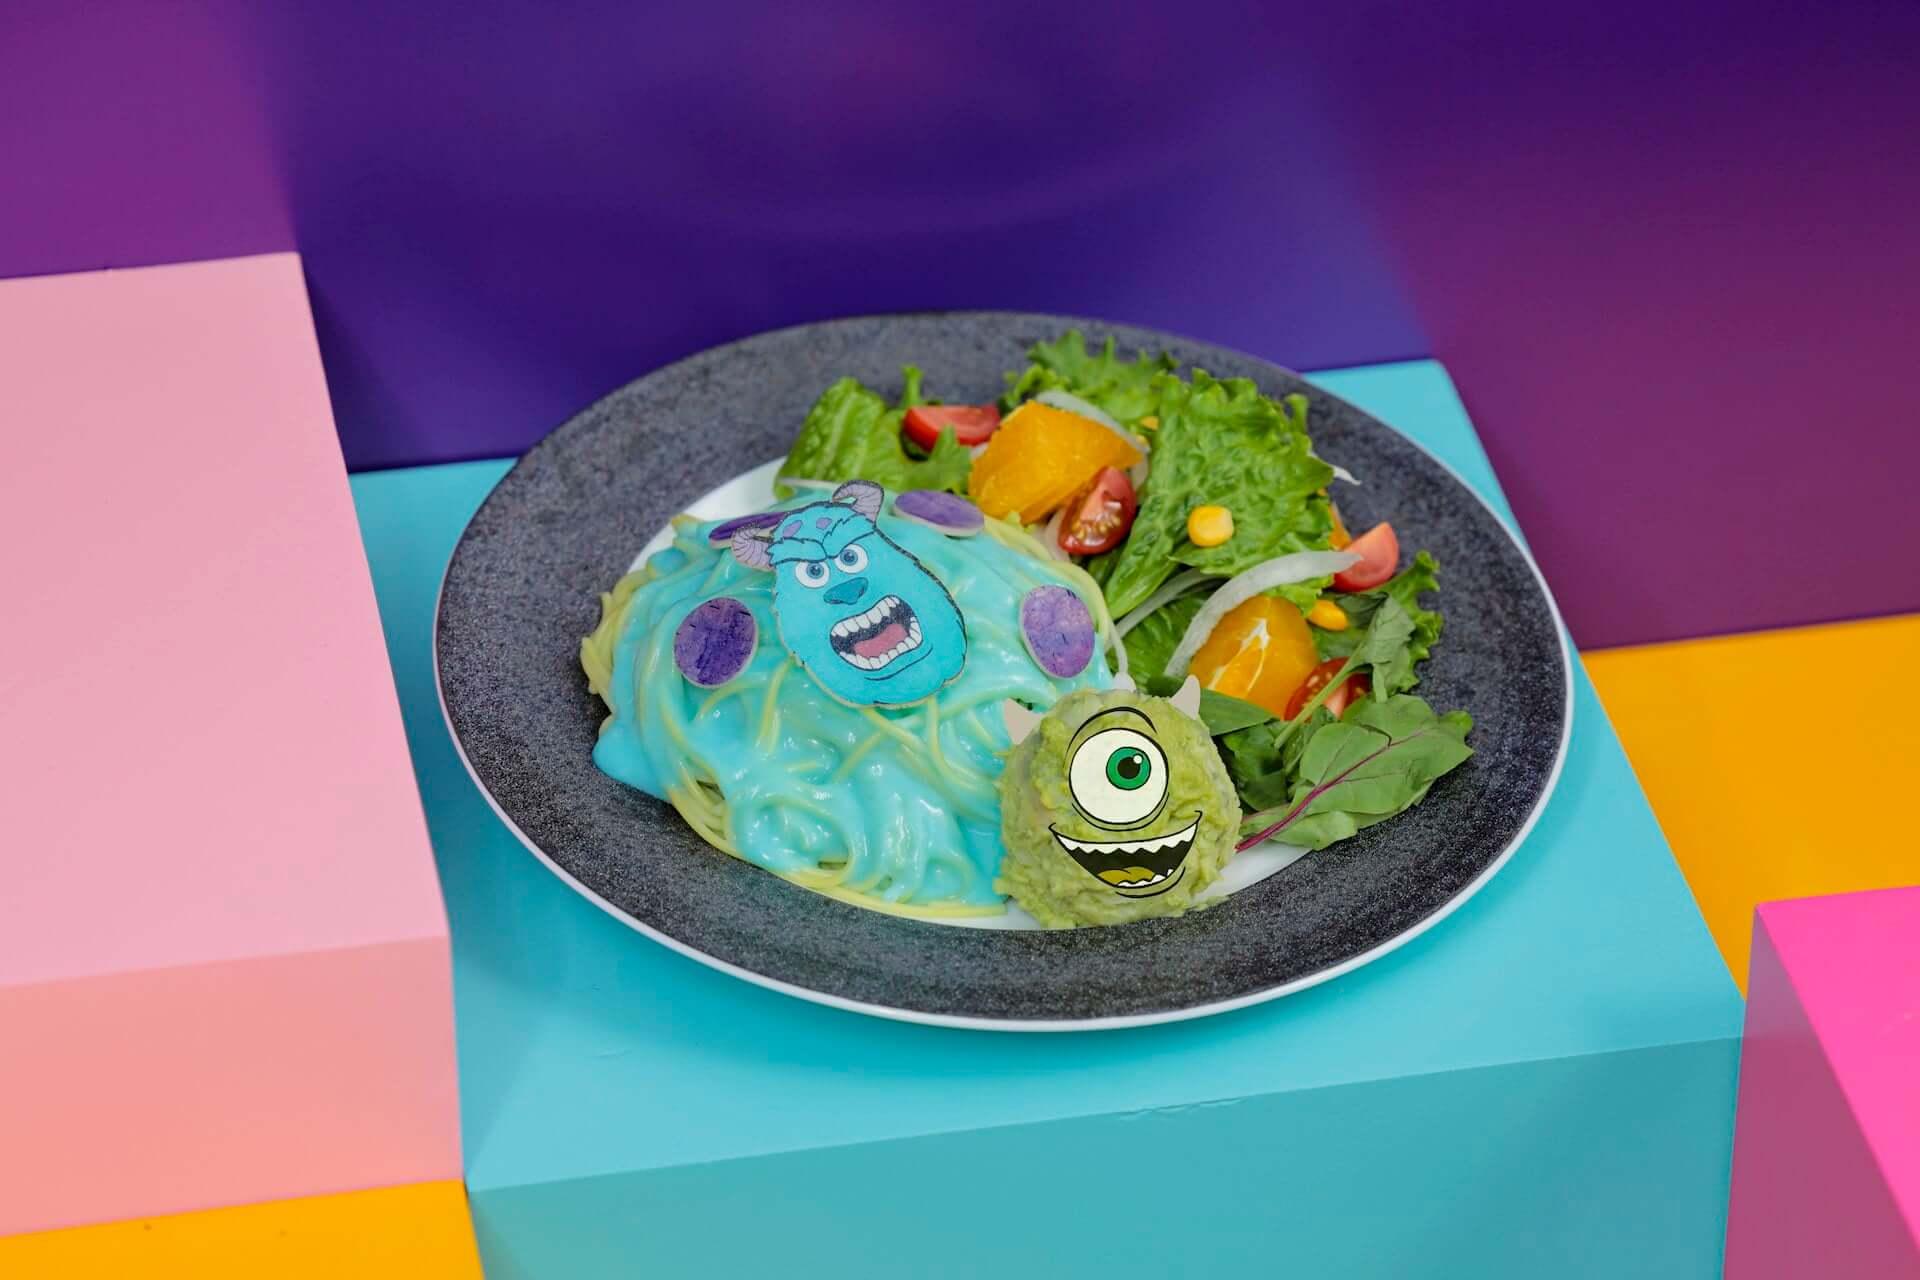 『トイ・ストーリー』25周年記念!ピクサー作品をテーマにしたコンテンツが多数展開&バズ・ライトイヤー初期スケッチも日本初公開 art201008_disney-pixar_13-1920x1280